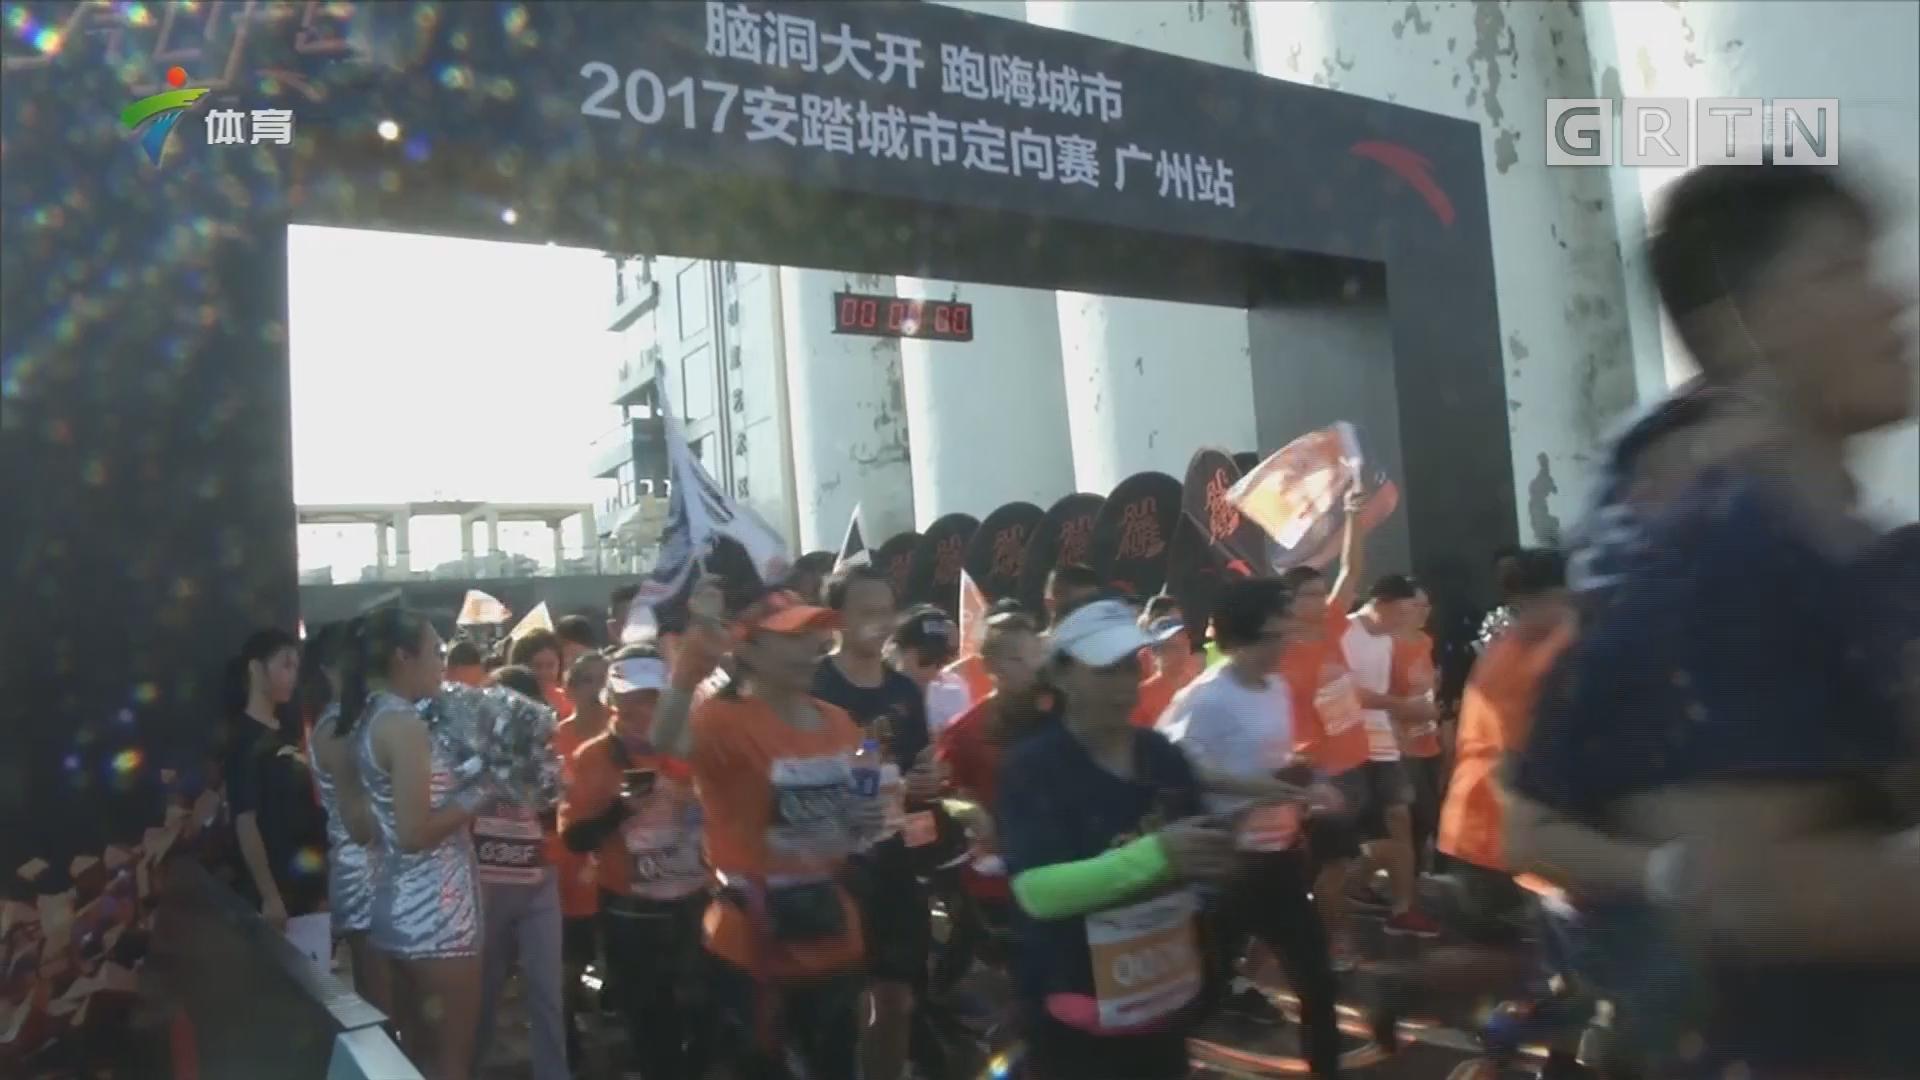 逐鹿羊城 广州城市定向赛顺利开跑